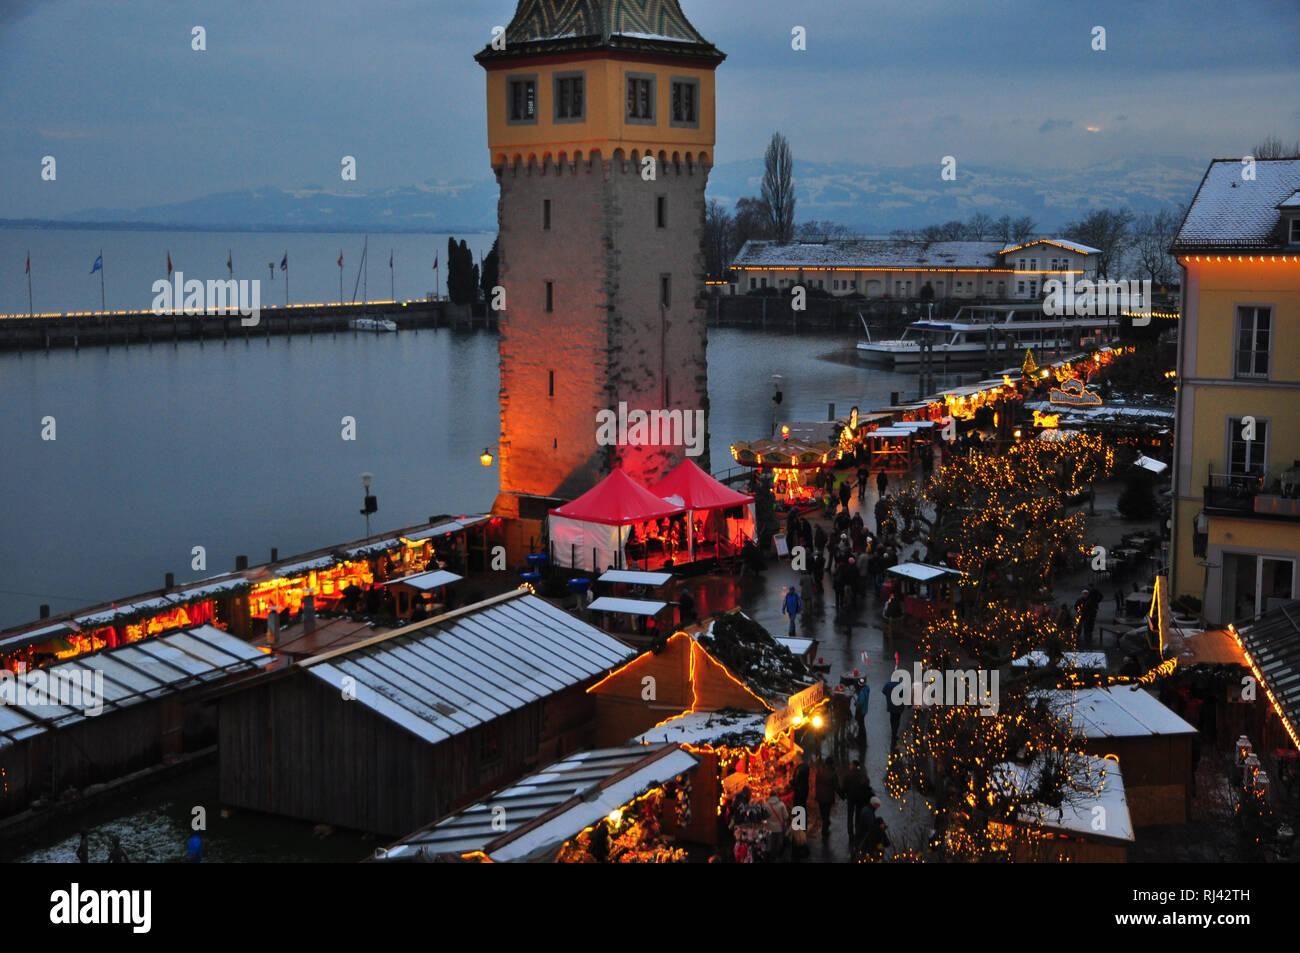 Lindau Weihnachtsmarkt.Deutschland Bayern Bodensee Lindau Weihnachtsmarkt